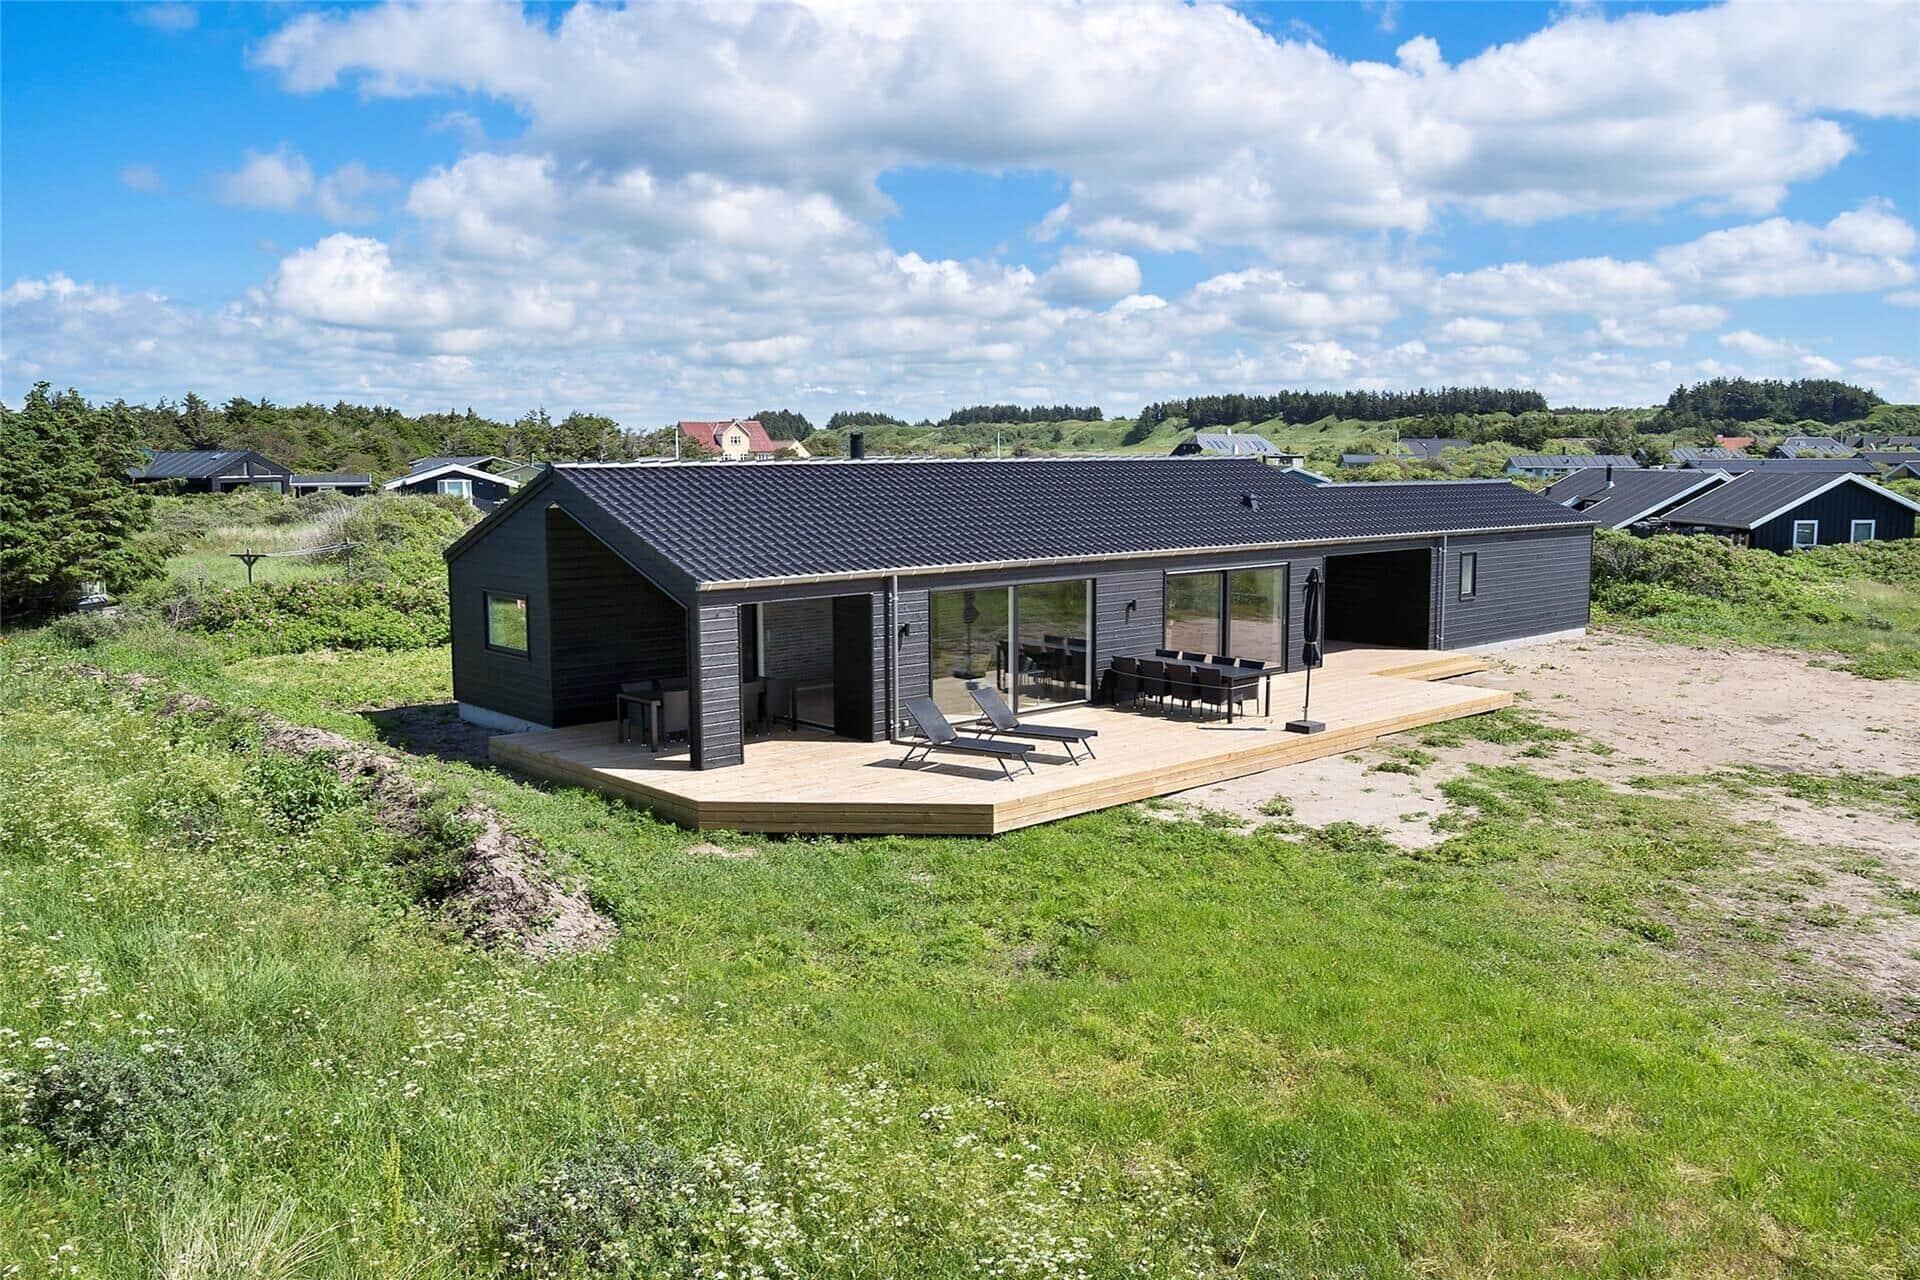 Afbeelding 1-14 Vakantiehuis 1718, Novembervej 4, DK - 9800 Hjørring